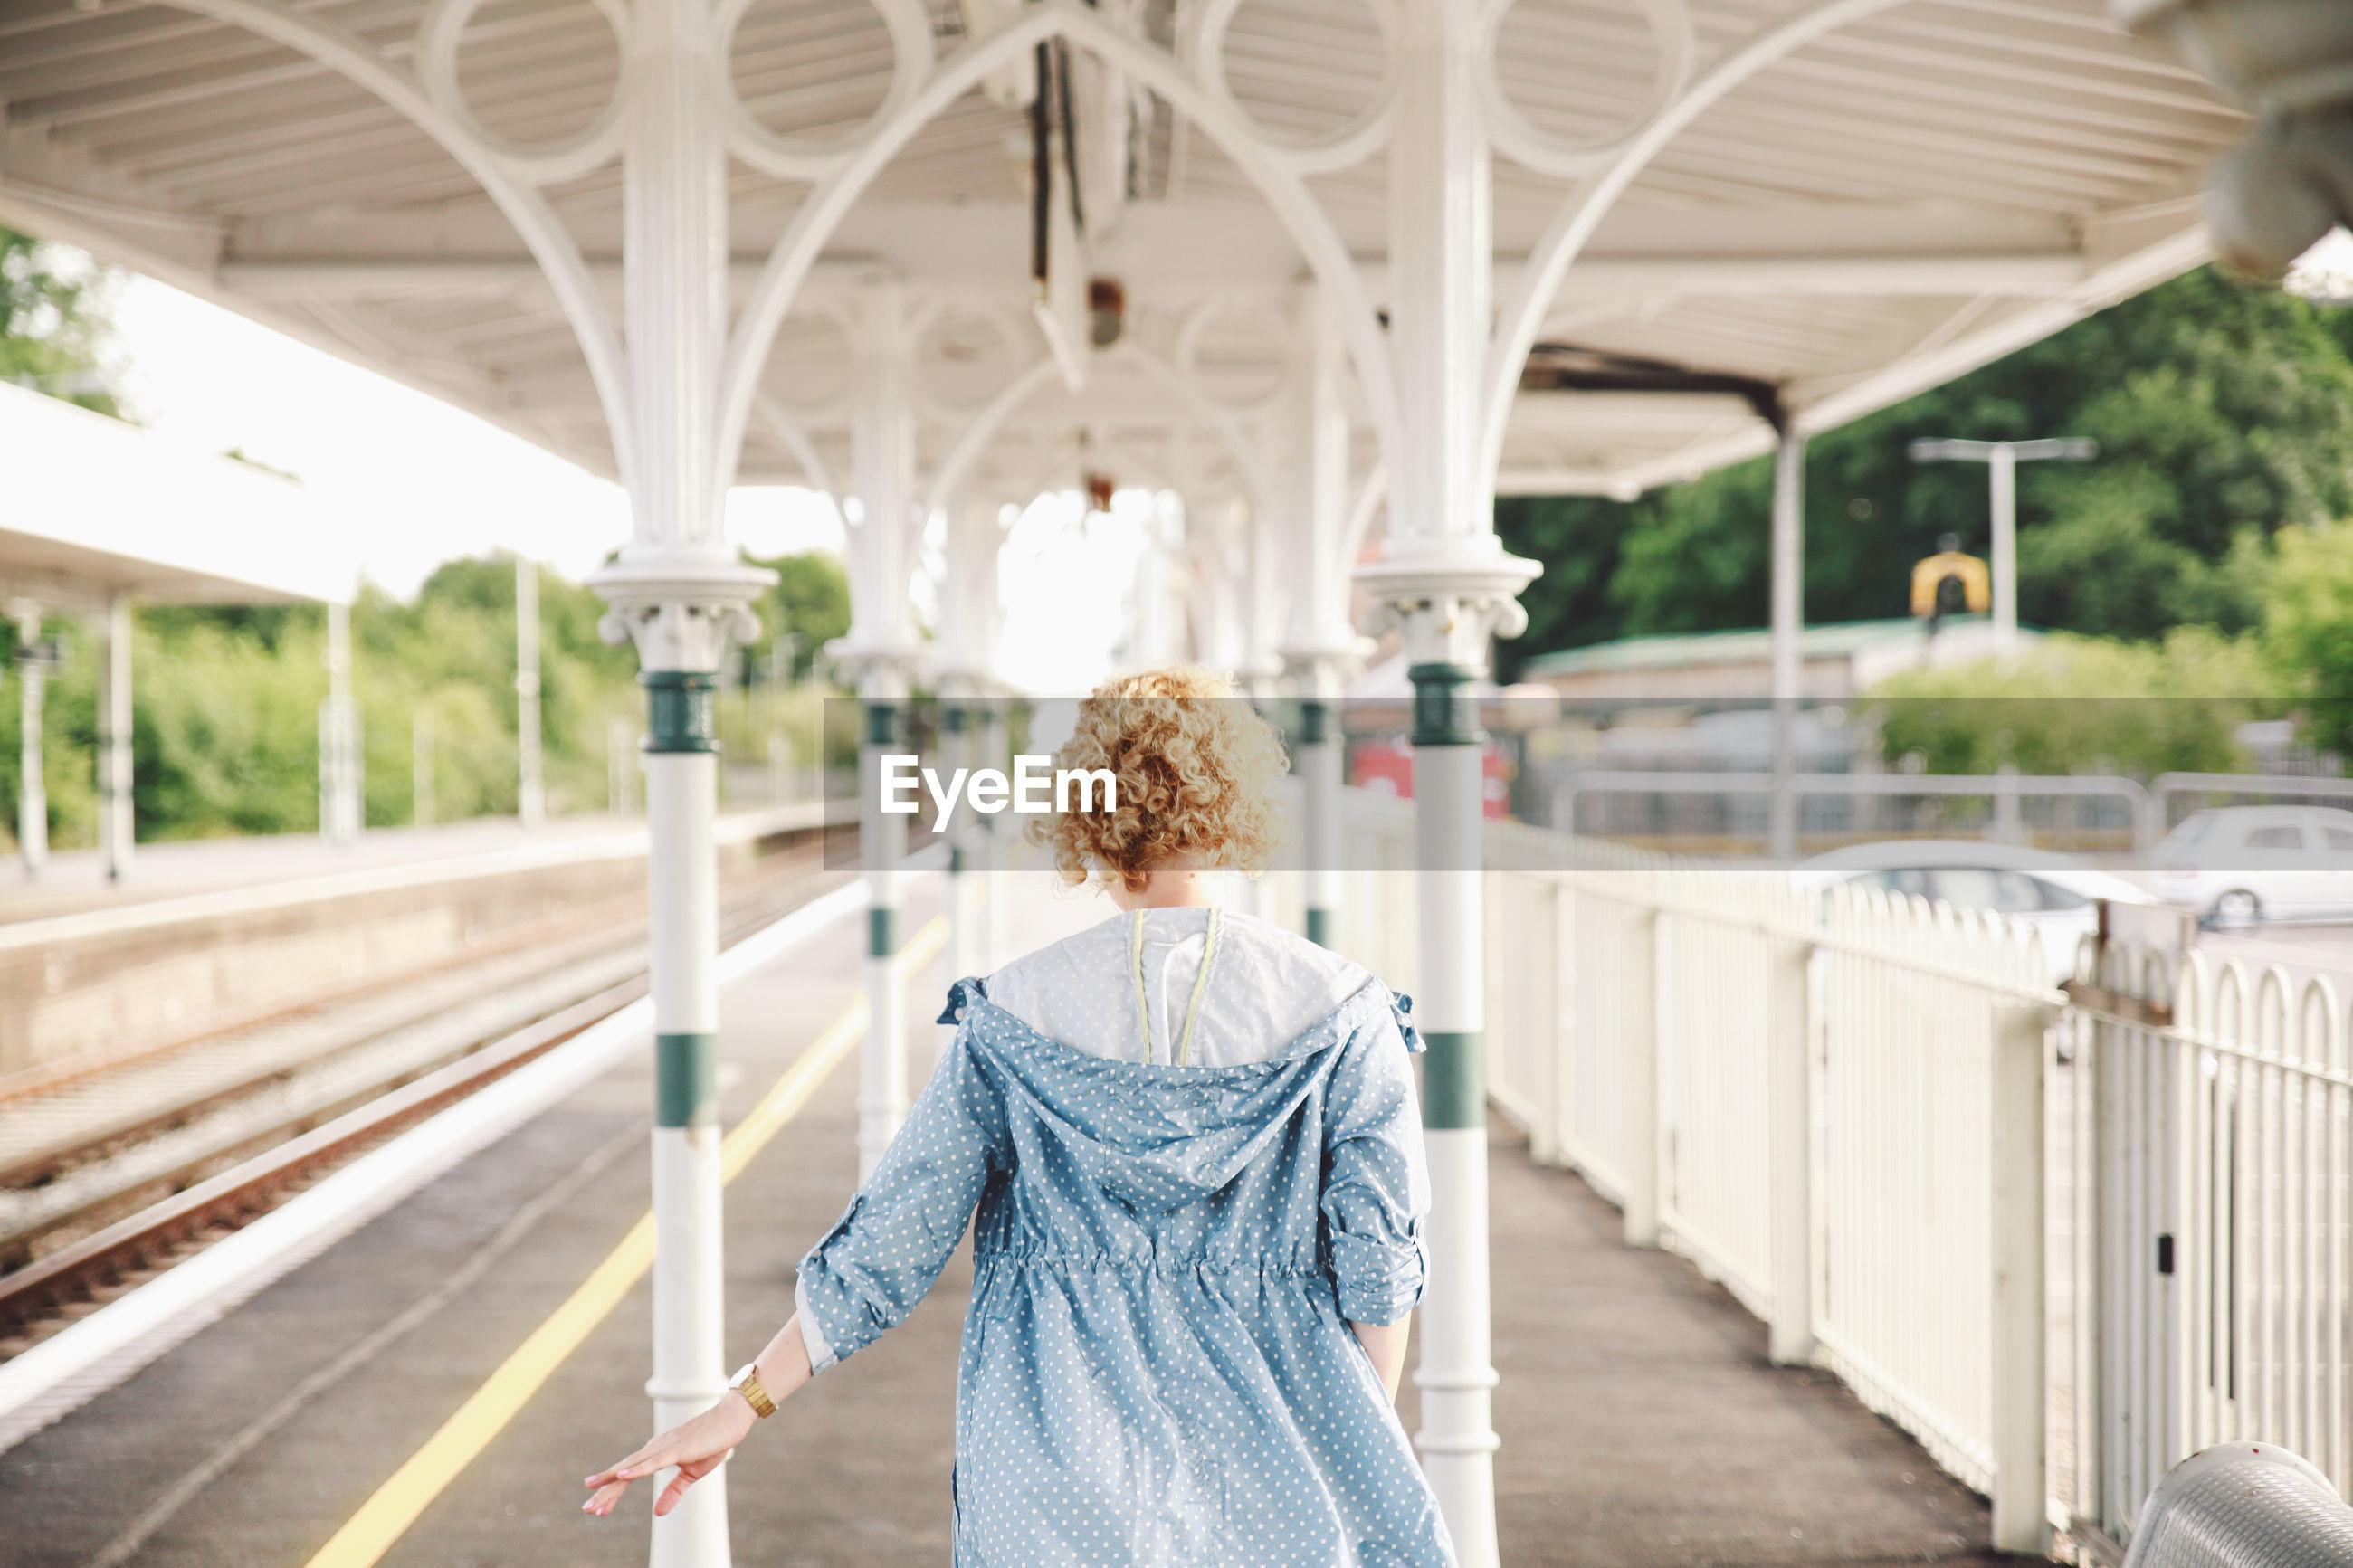 Rear view of woman walking at railroad station platform